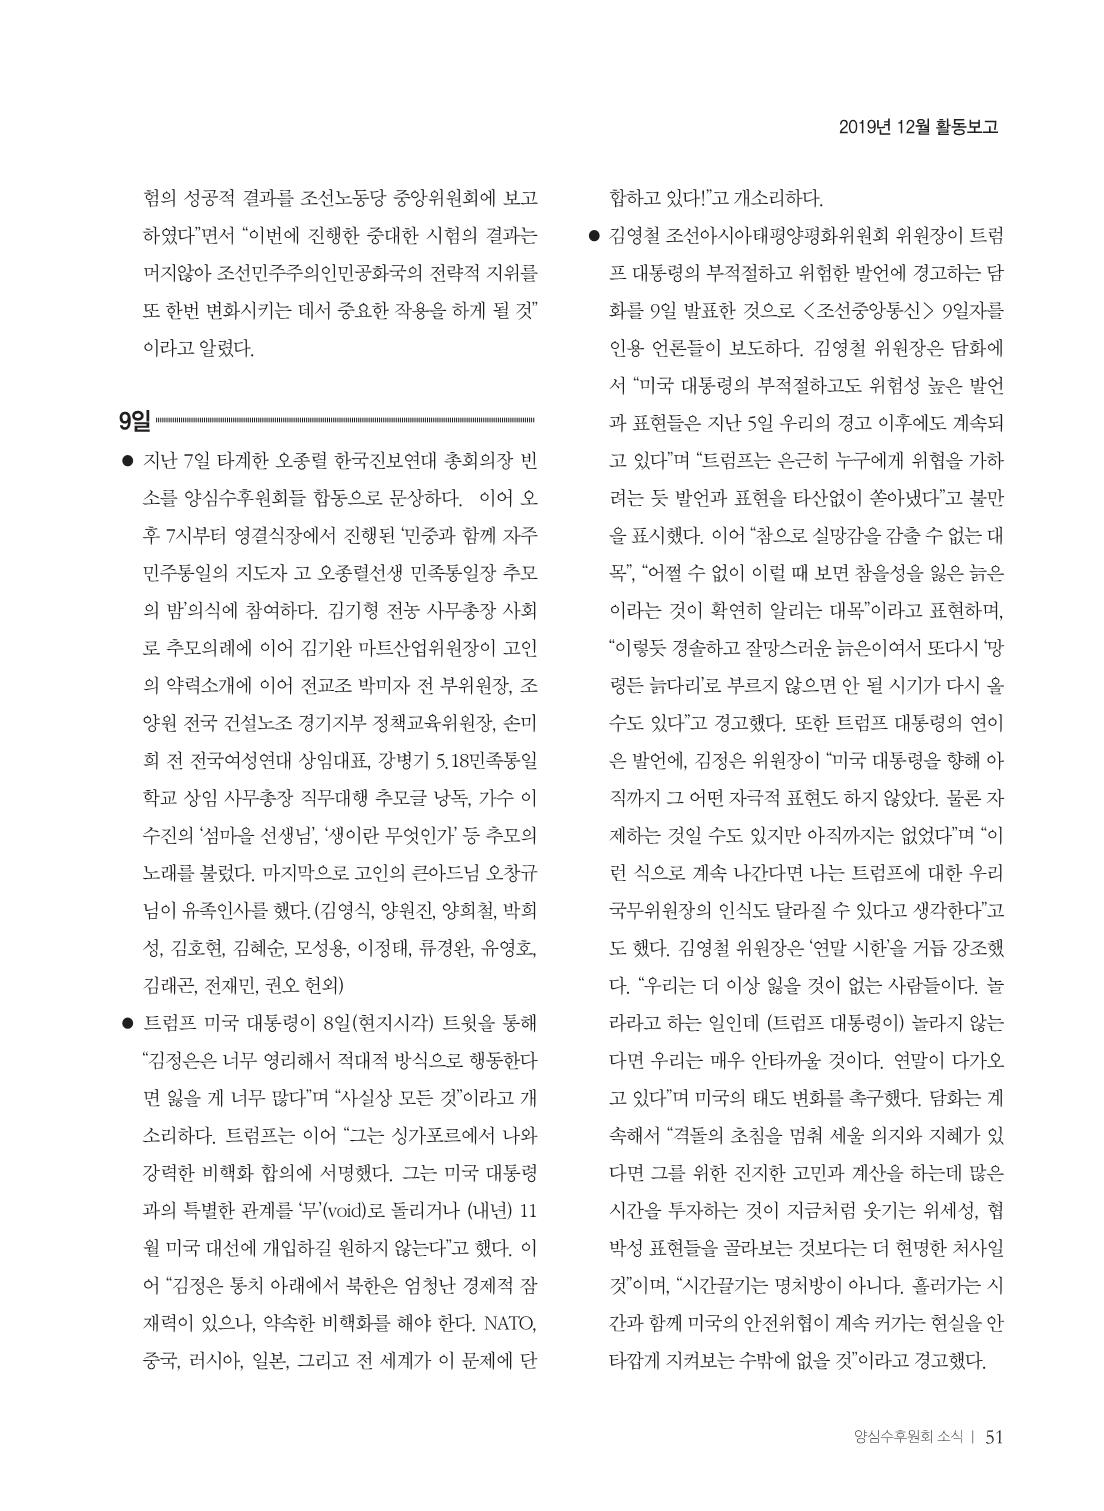 a864bddb-4dd3-476a-b443-283540dfe024.pdf-0053.jpg